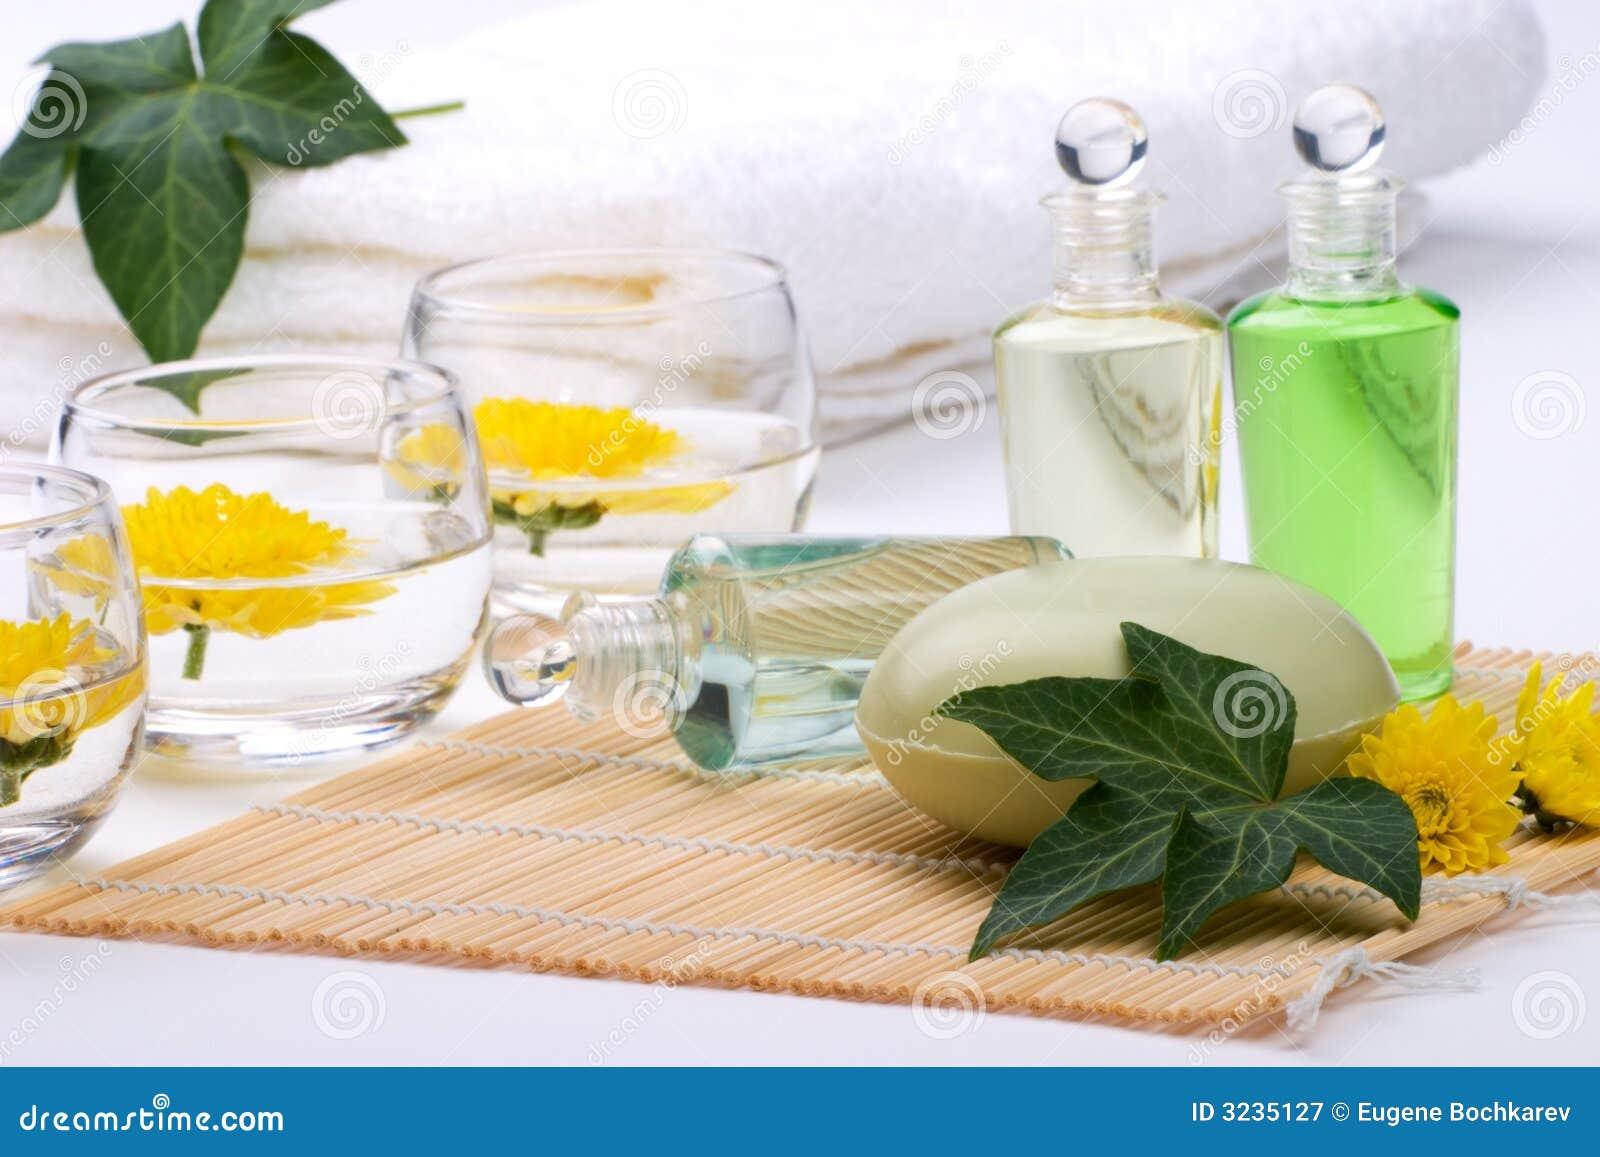 Как сделать эфирное масло в домашних условиях - Способы и рецепты 94